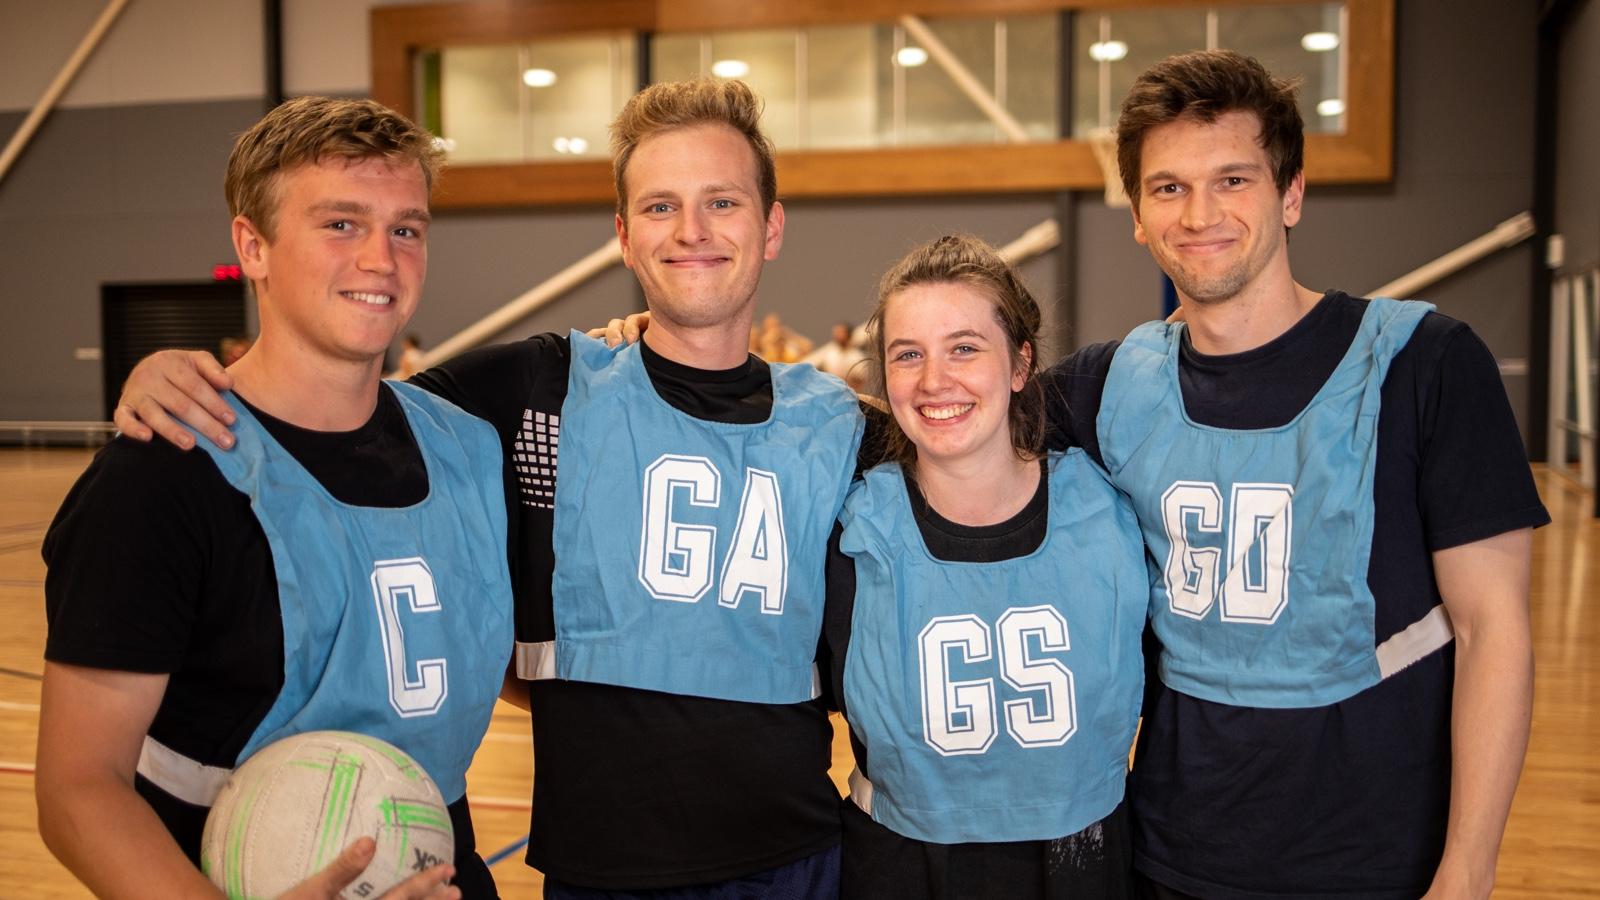 Mixed netball team wearing blue bibs